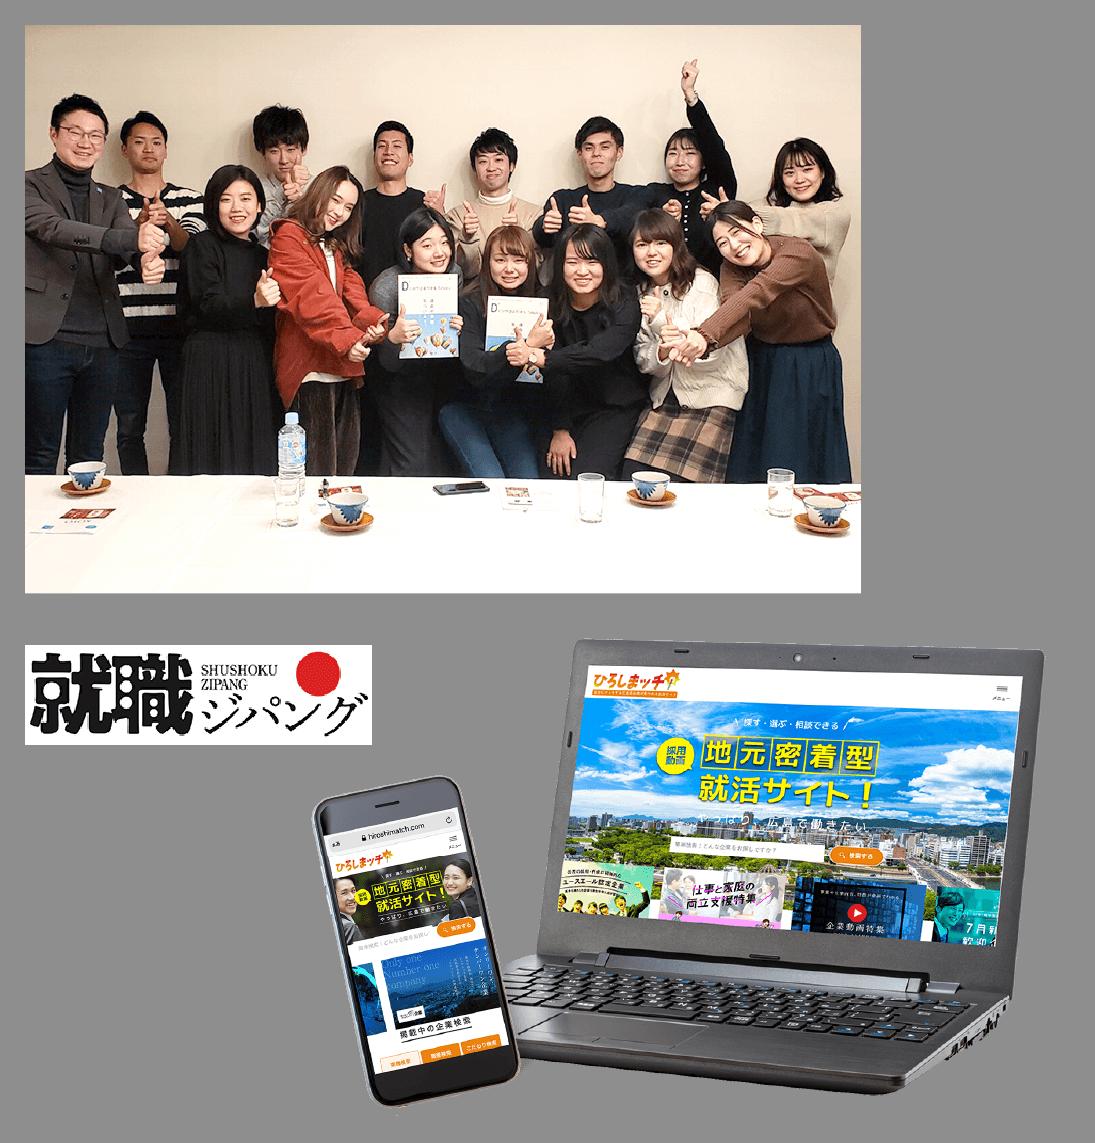 「D'companies」を発行した地元学生との集合写真、就職ジパングロゴ、スマホ、PC画面に映した求人サイト「ひろしまッチ!」